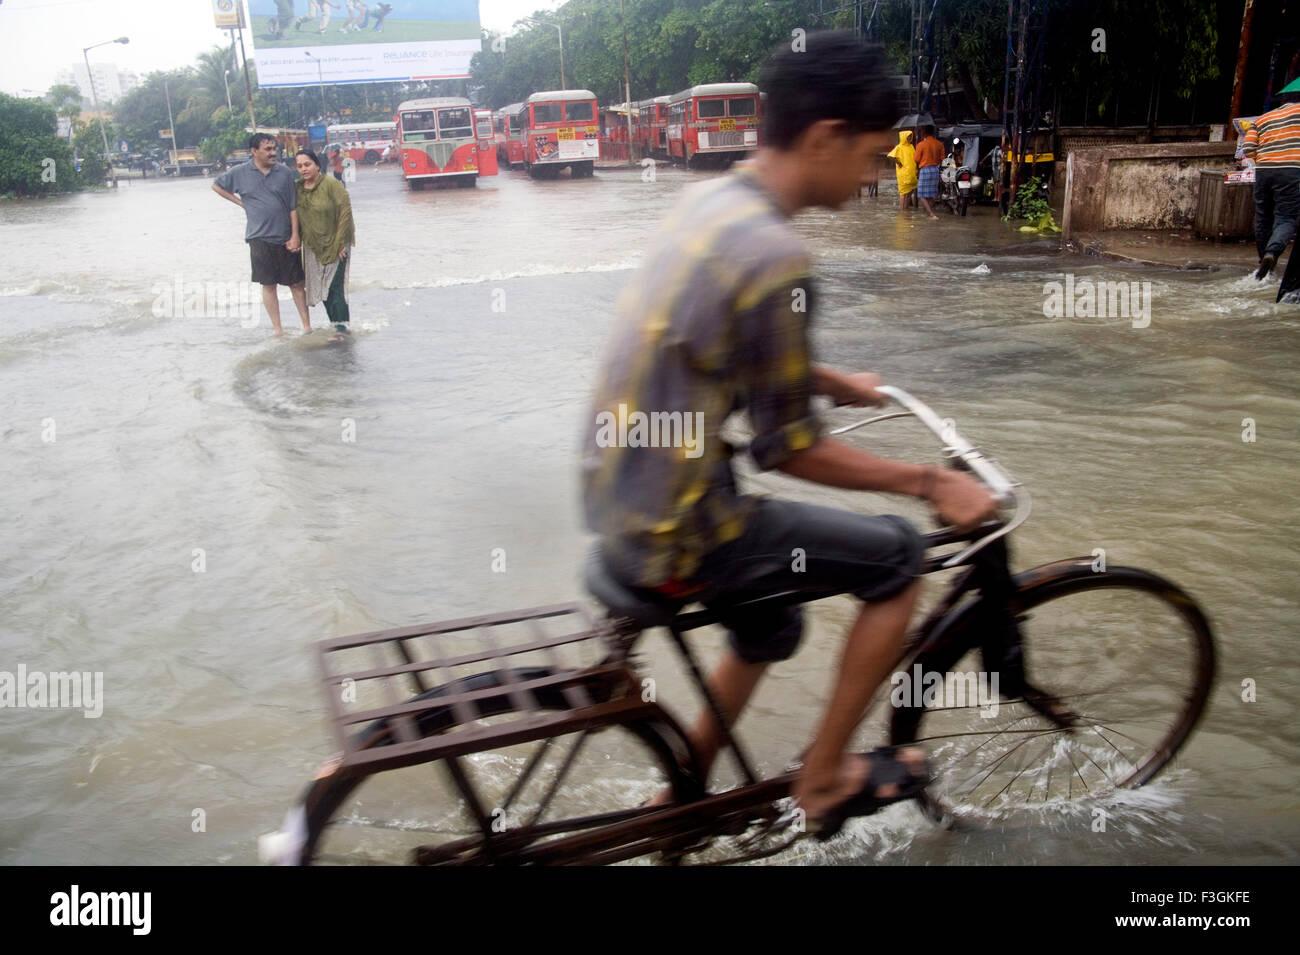 Season Monsoon ; water logging suburb road due to heavy rain Mumbai dated 5th july 2006 Mumbai Bombay Maharashtra - Stock Image